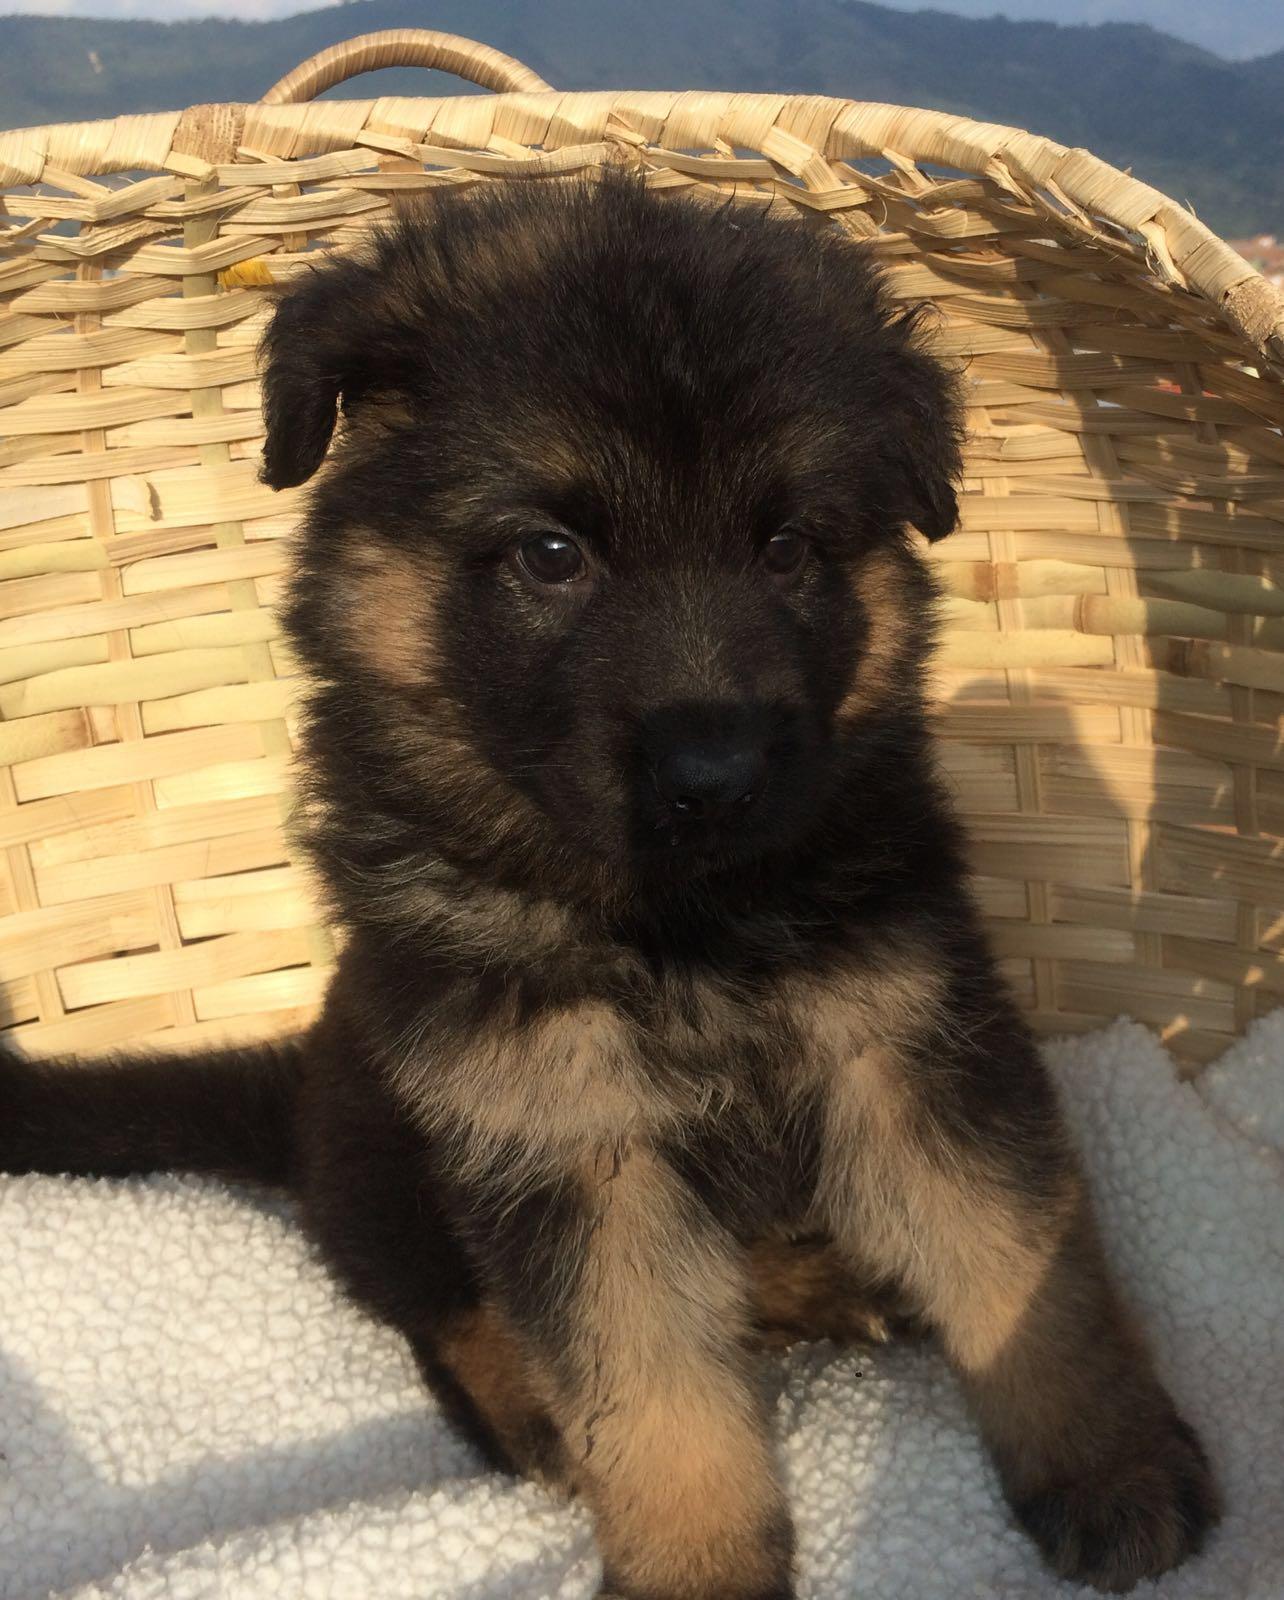 German Shepherd Dog sale Hong Kong 德国牧羊犬出售香港